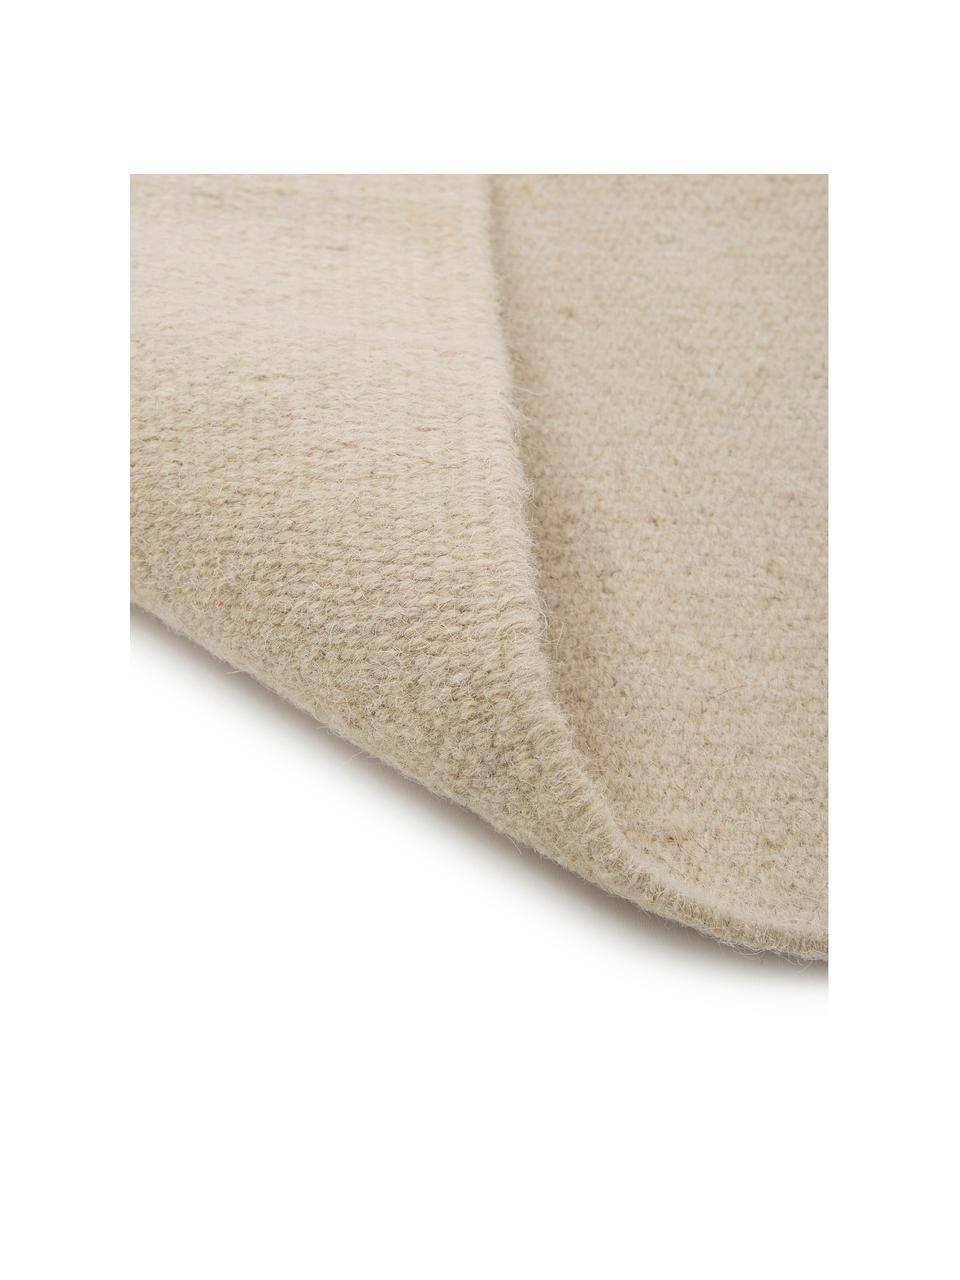 Handgeweven Kelim vloerkleed Rainbow van wol in beige met franjes, Franjes: 100% katoen Bij wollen vl, Zandkleurig, B 170 x L 240 cm (maat M)